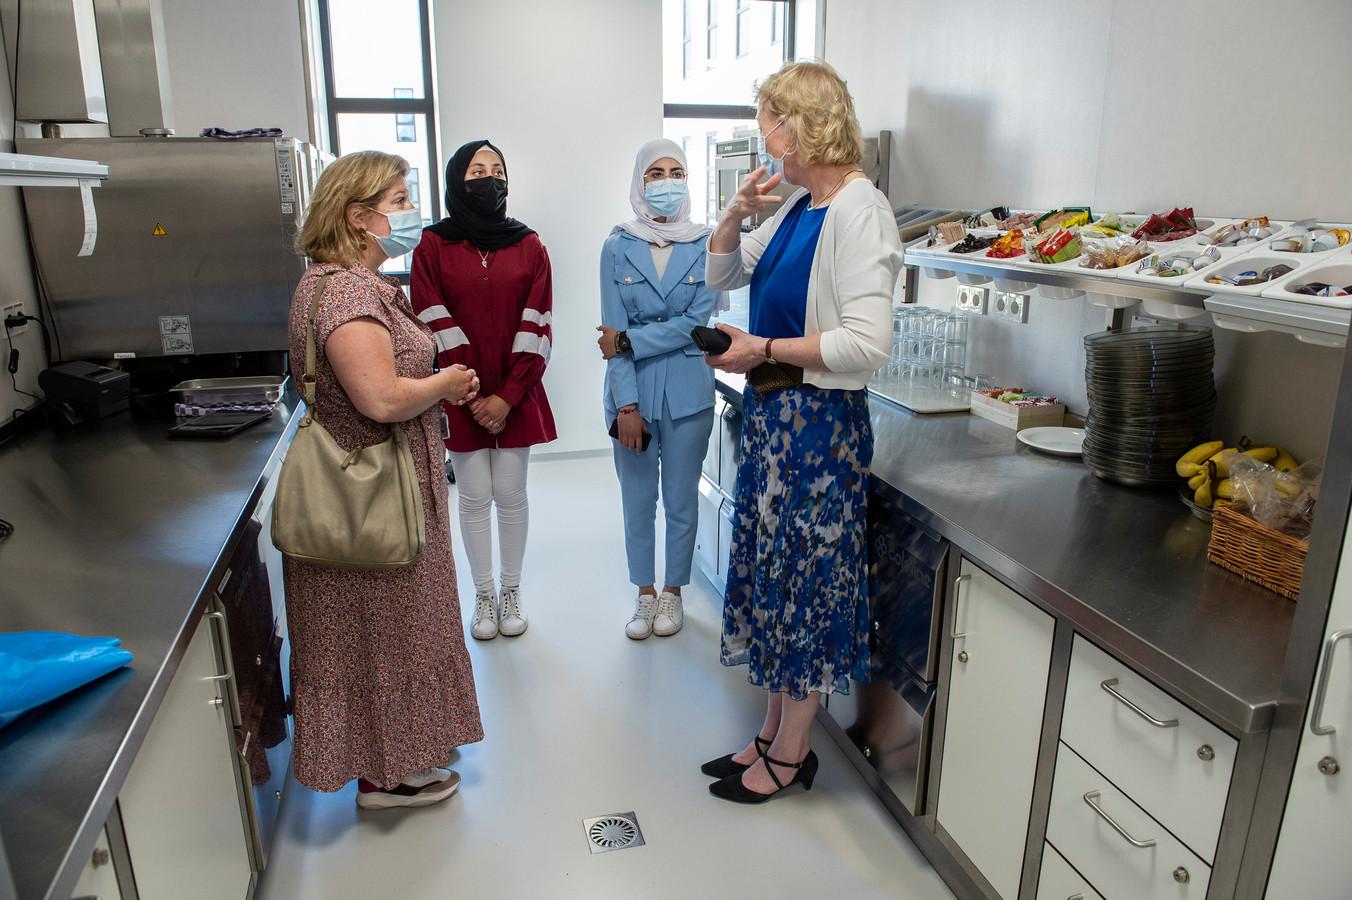 Aya (tweede van links) en Malika (tweede van rechts) krijgen uitleg in een keukenruimte van het Amphia ziekenhuis.